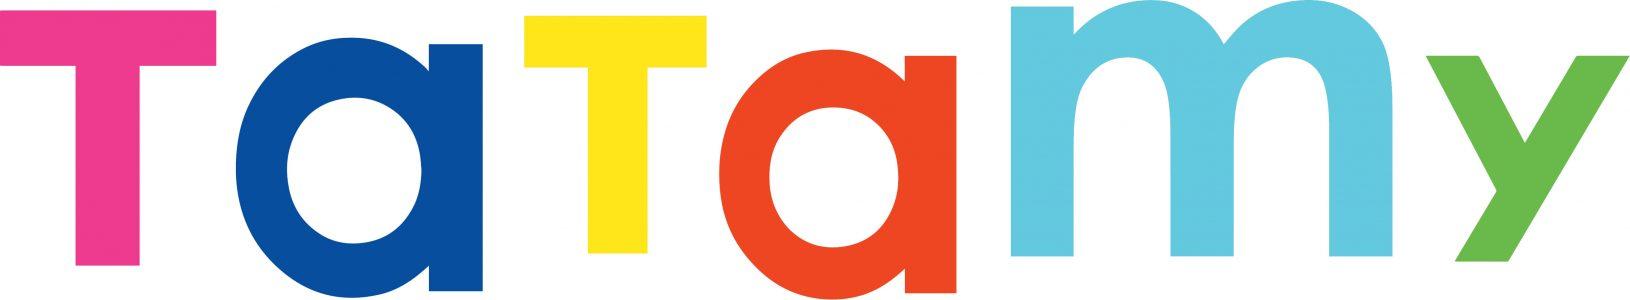 Logo gigote vectorisé